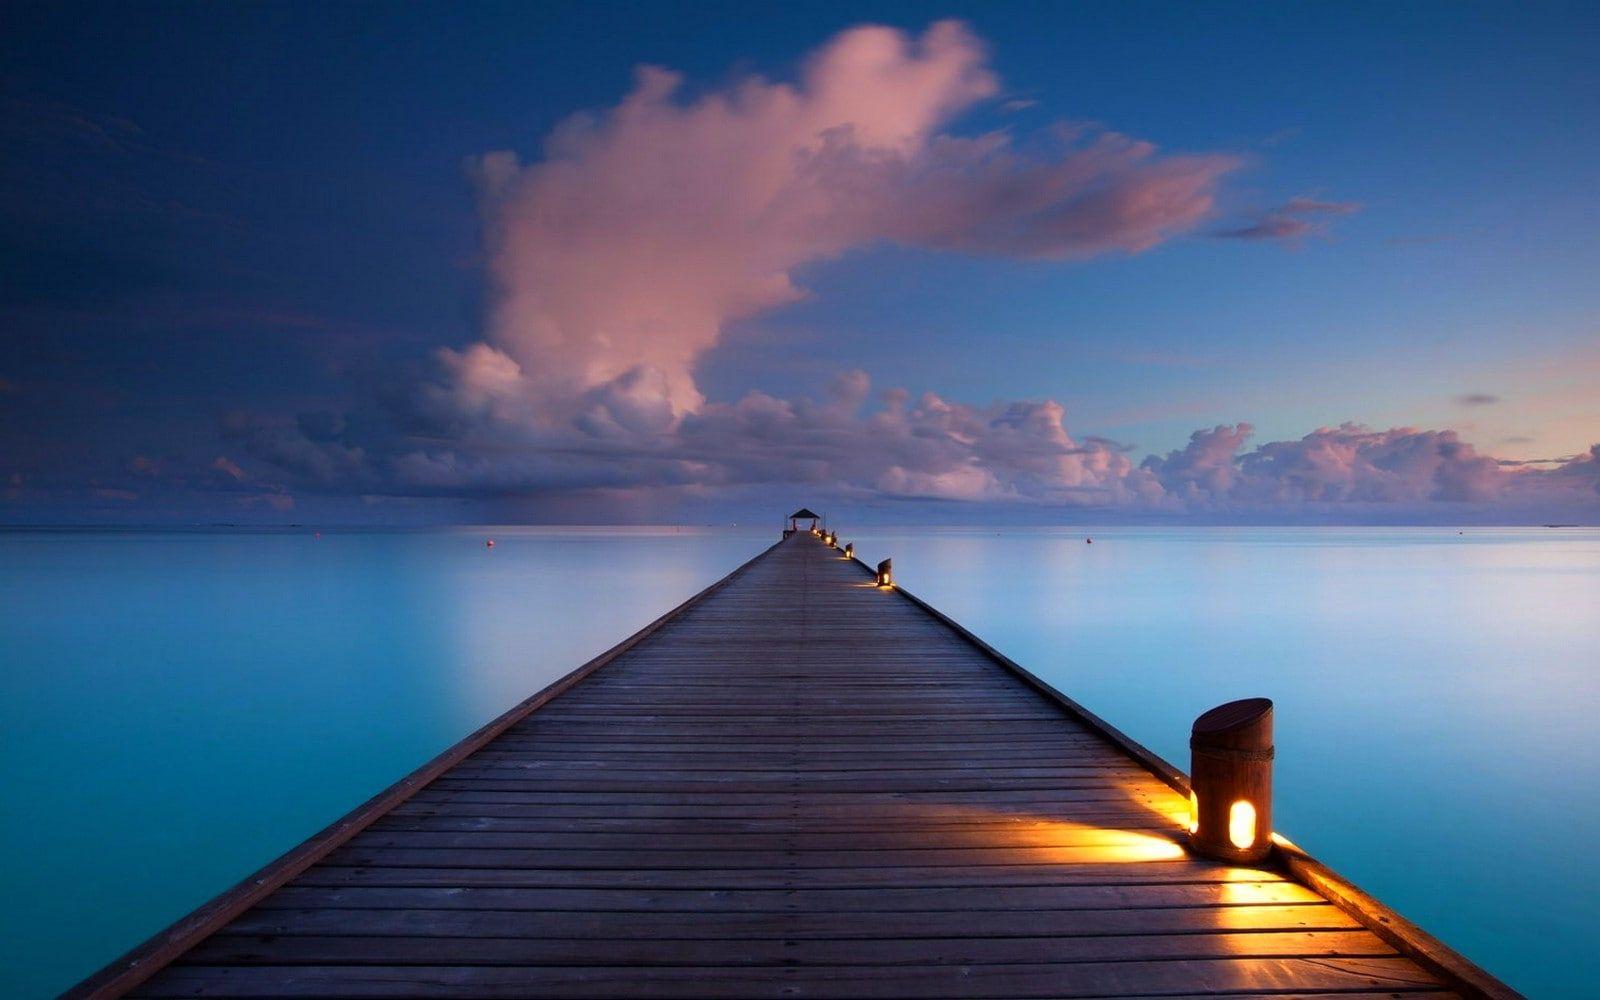 Clouds Horizon Lamps Landscape Lights Maldives Nature Pier Sea Sunrise Tropical Walkway 720p Wallpaper Hdwal Ocean Illustration Landscape Clouds Hd wallpaper nature lake pier clouds